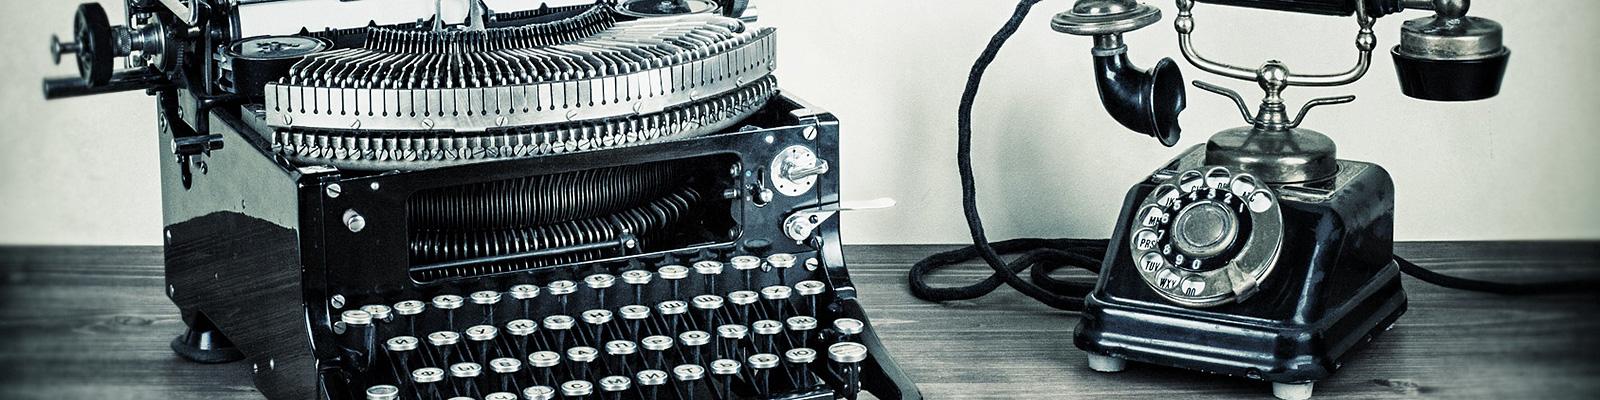 タイプライターと電話